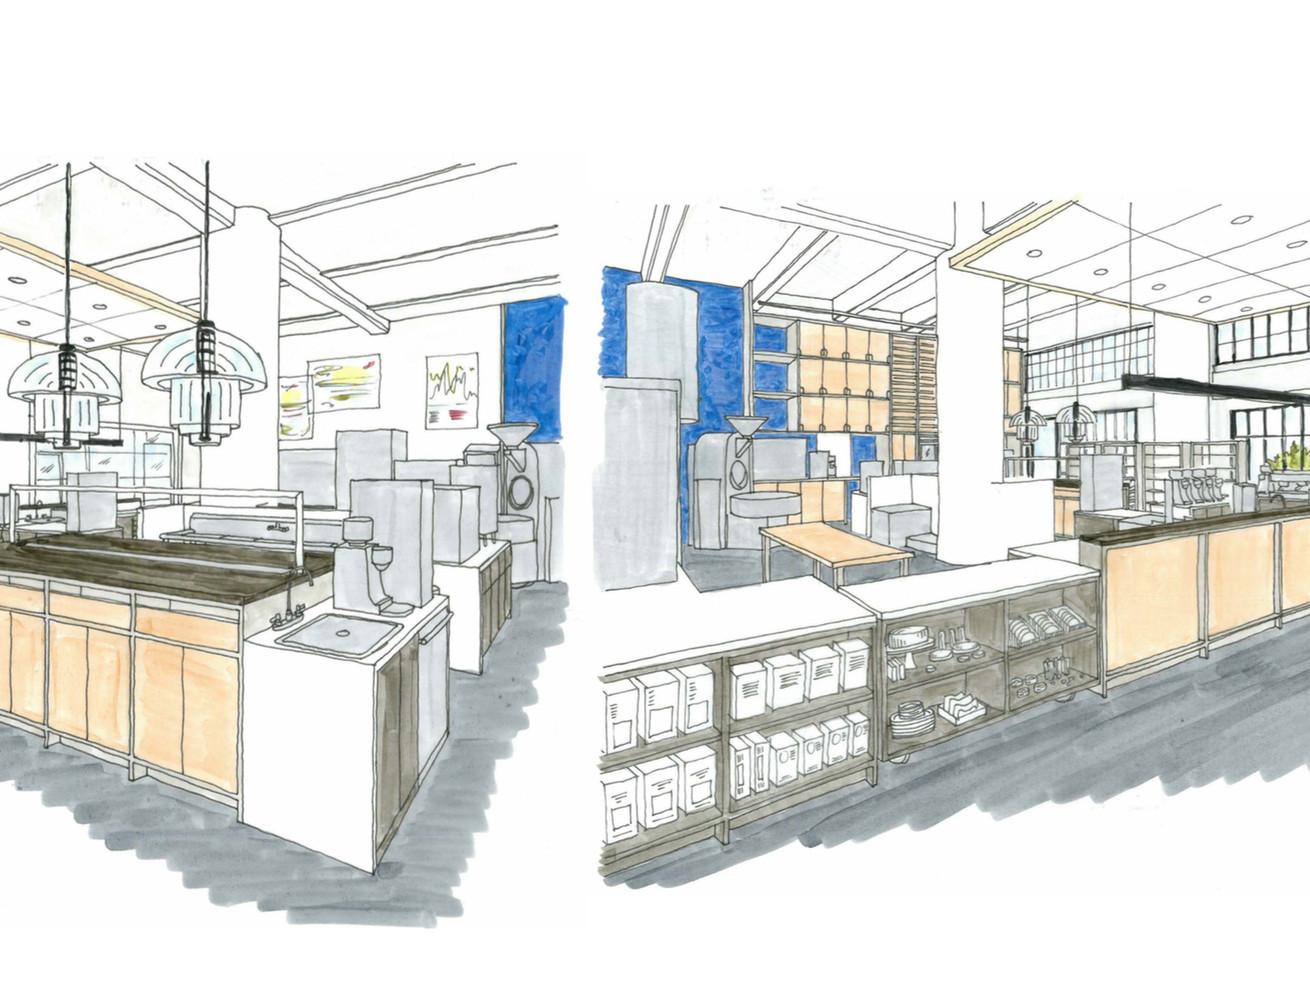 Renderings for Manufactory in Los Angeles